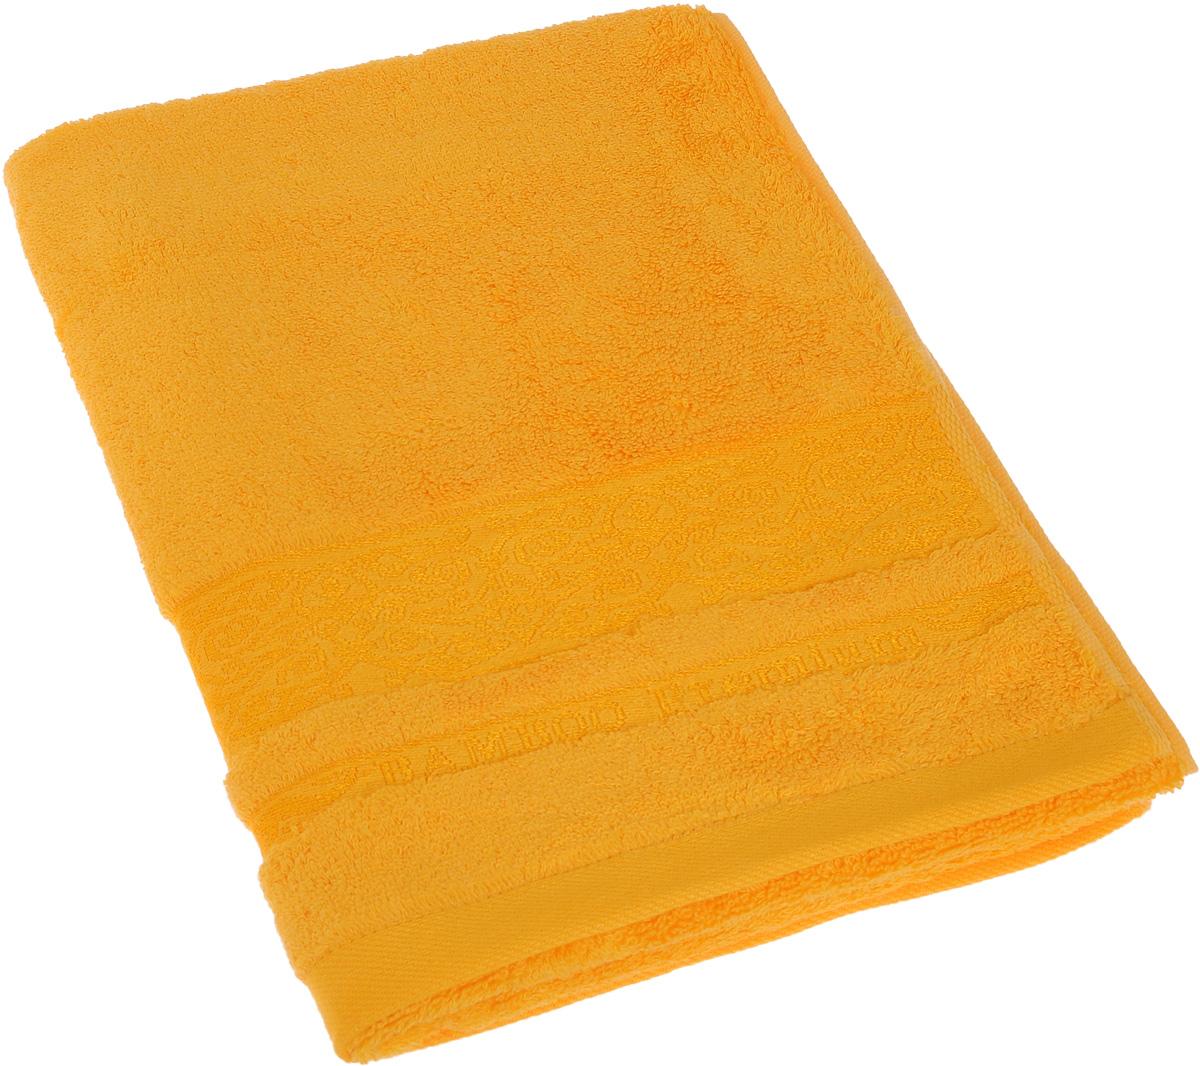 Полотенце Soavita Mario, цвет: желтый, 50 х 90 см64077Полотенце Soavita Mario выполнено из 100% бамбукового волокна и украшено узорами. Изделие отлично впитывает влагу, быстро сохнет, сохраняет яркость цвета и не теряет форму даже после многократных стирок. Полотенце очень практично и неприхотливо в уходе. Оно создаст прекрасное настроение и украсит интерьер в ванной комнате.